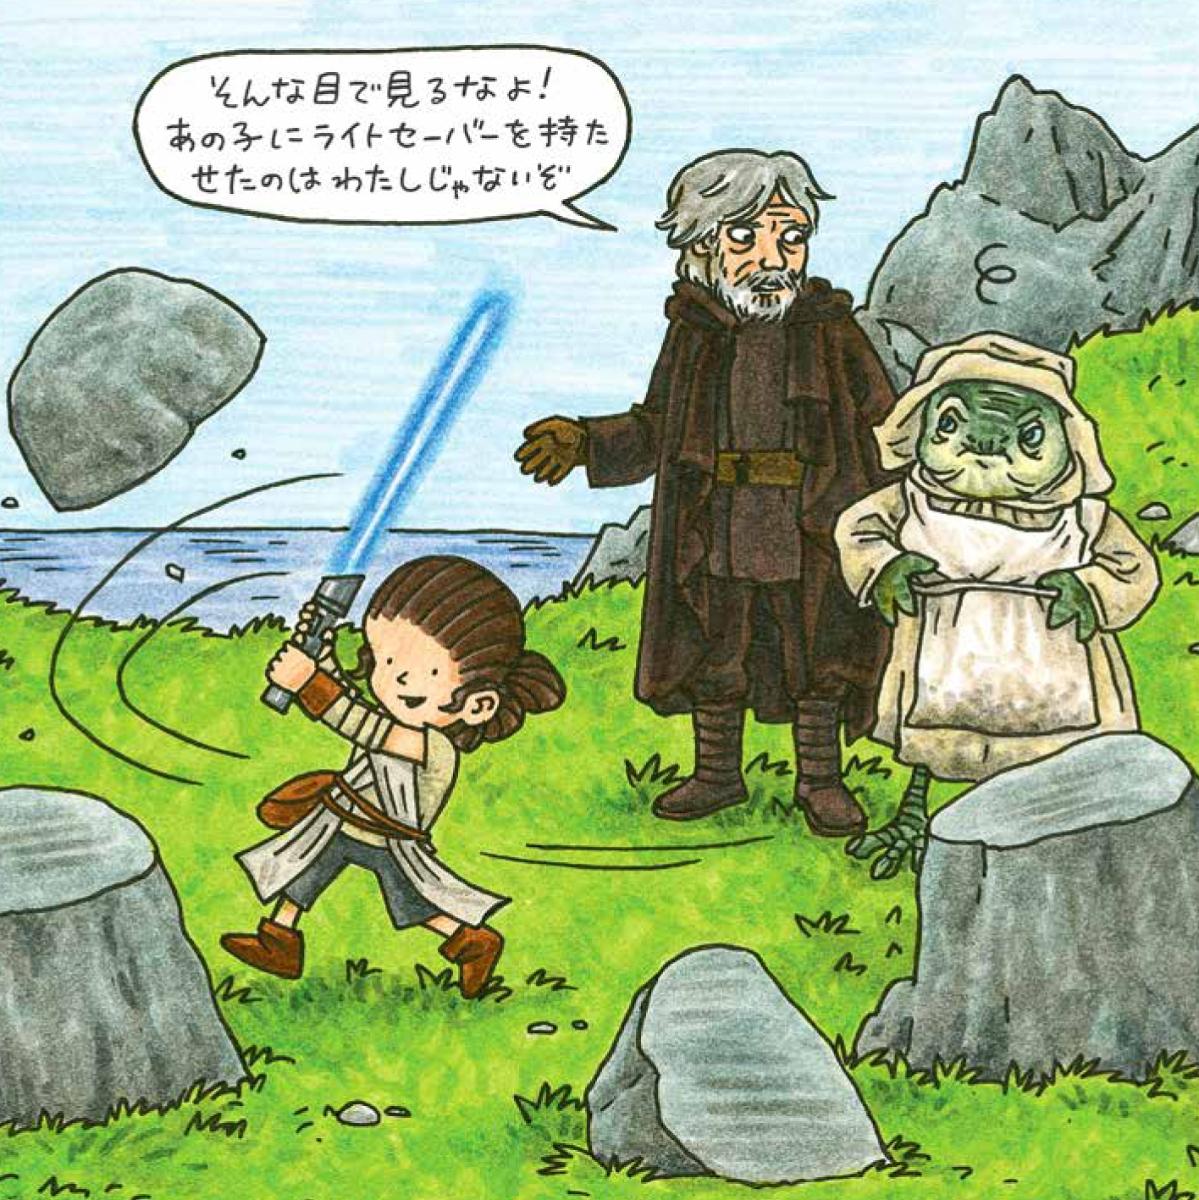 楽天ブックス Star Wars レイと仲間たち ジェフリー ブラウン 本